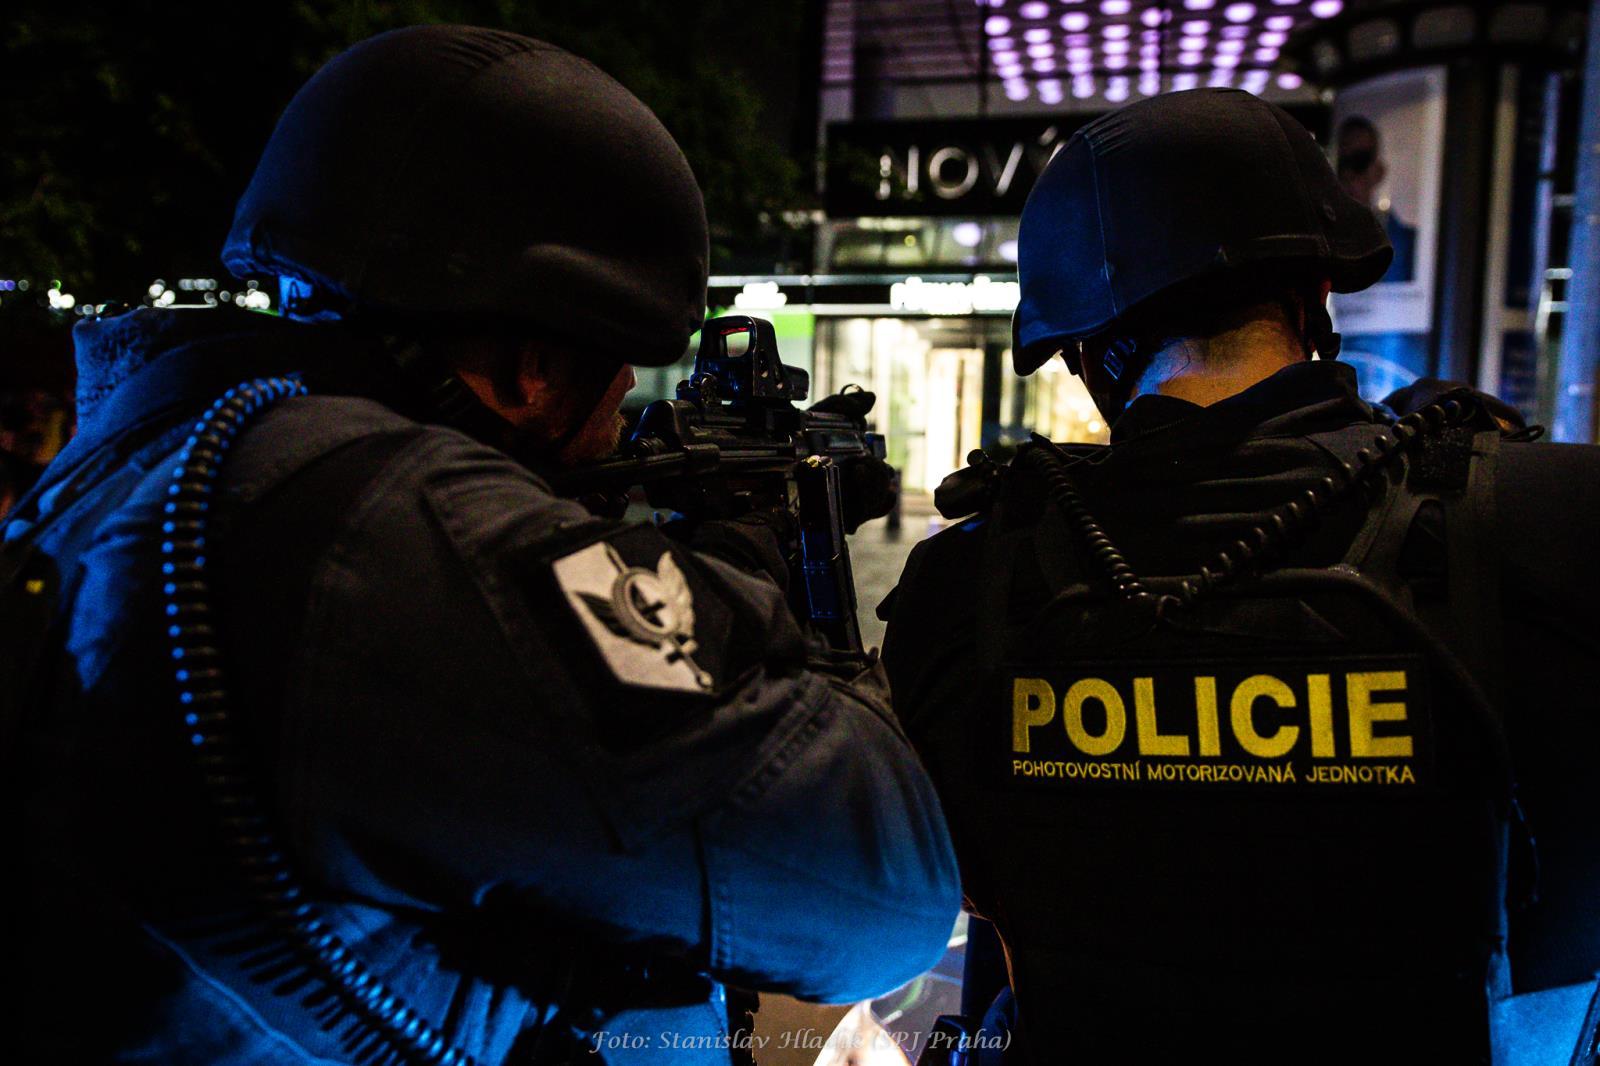 slozky-izs-na-andelu-trenovaly-pripravenost-na-teroristicky-utok-v-obchodnim-centru